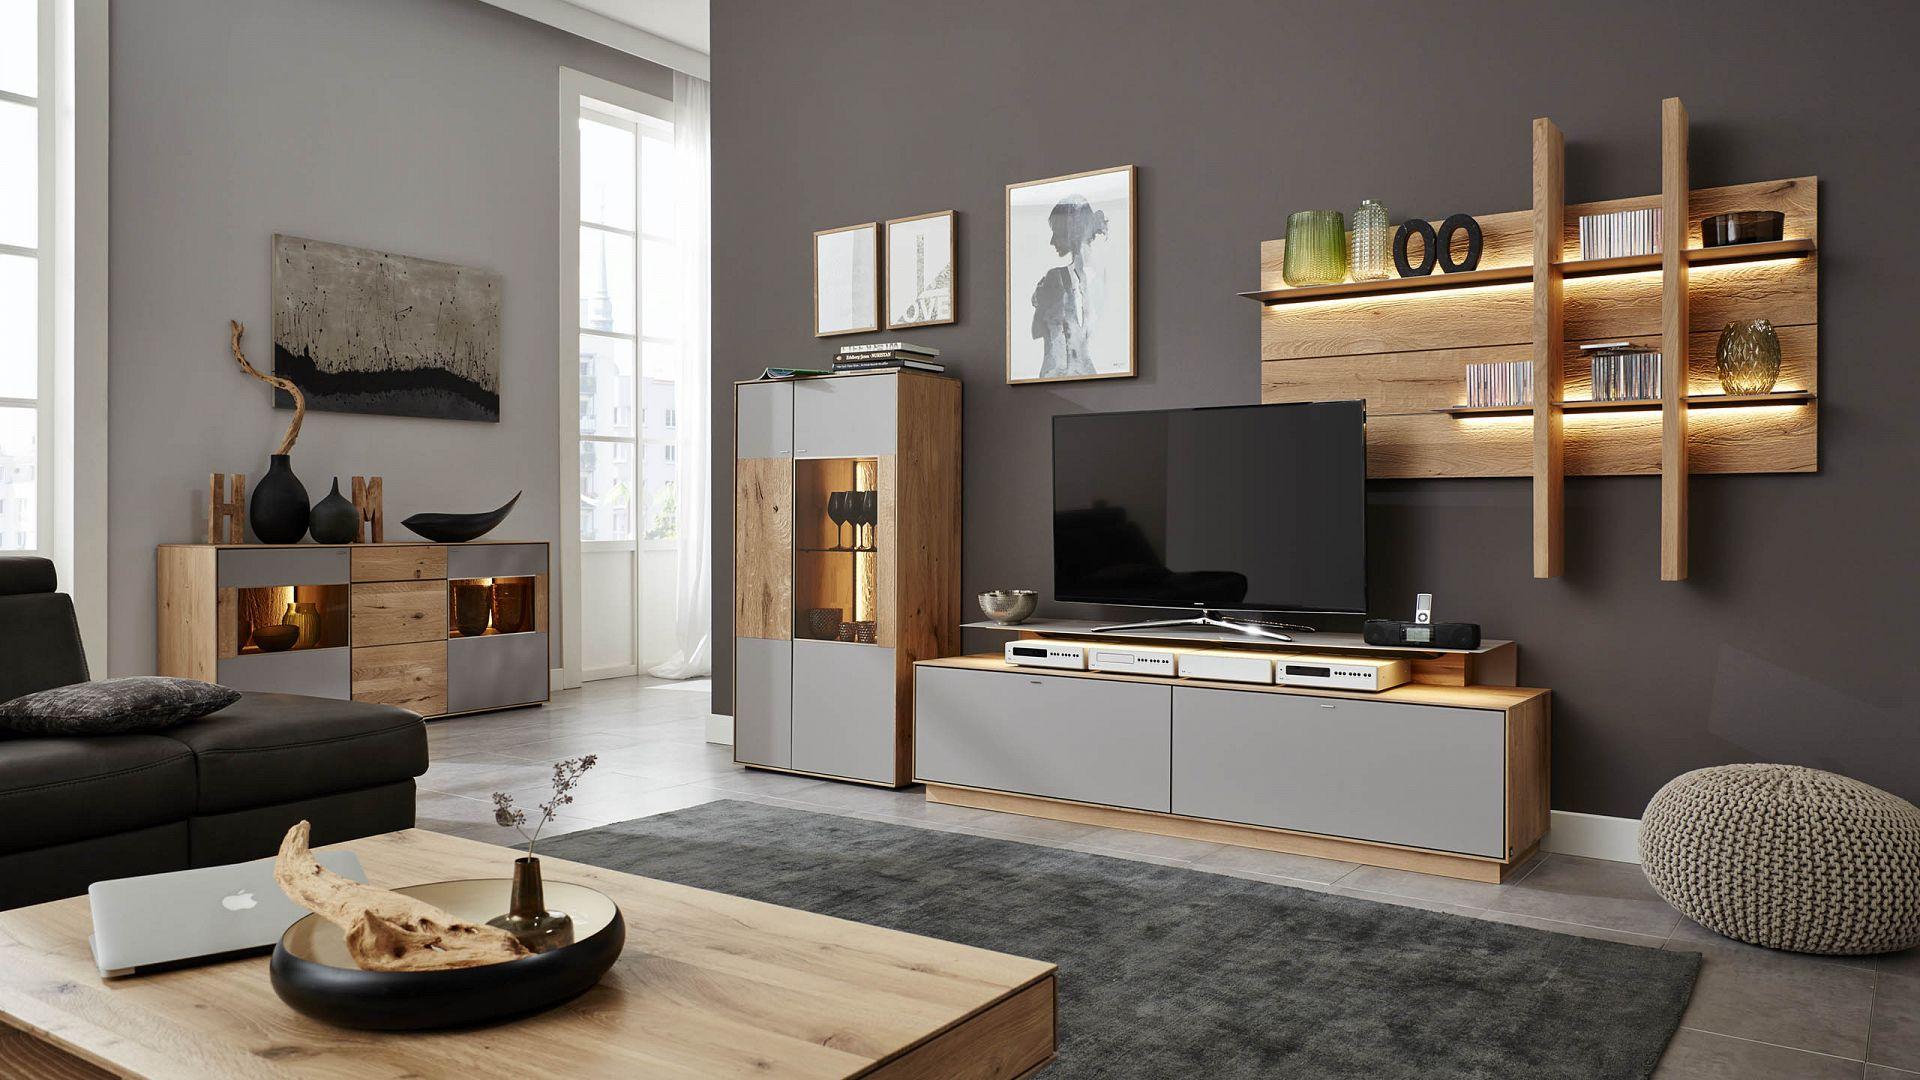 Interliving Sofa: Ihr Wohnzimmer Mit Persönlicher Note